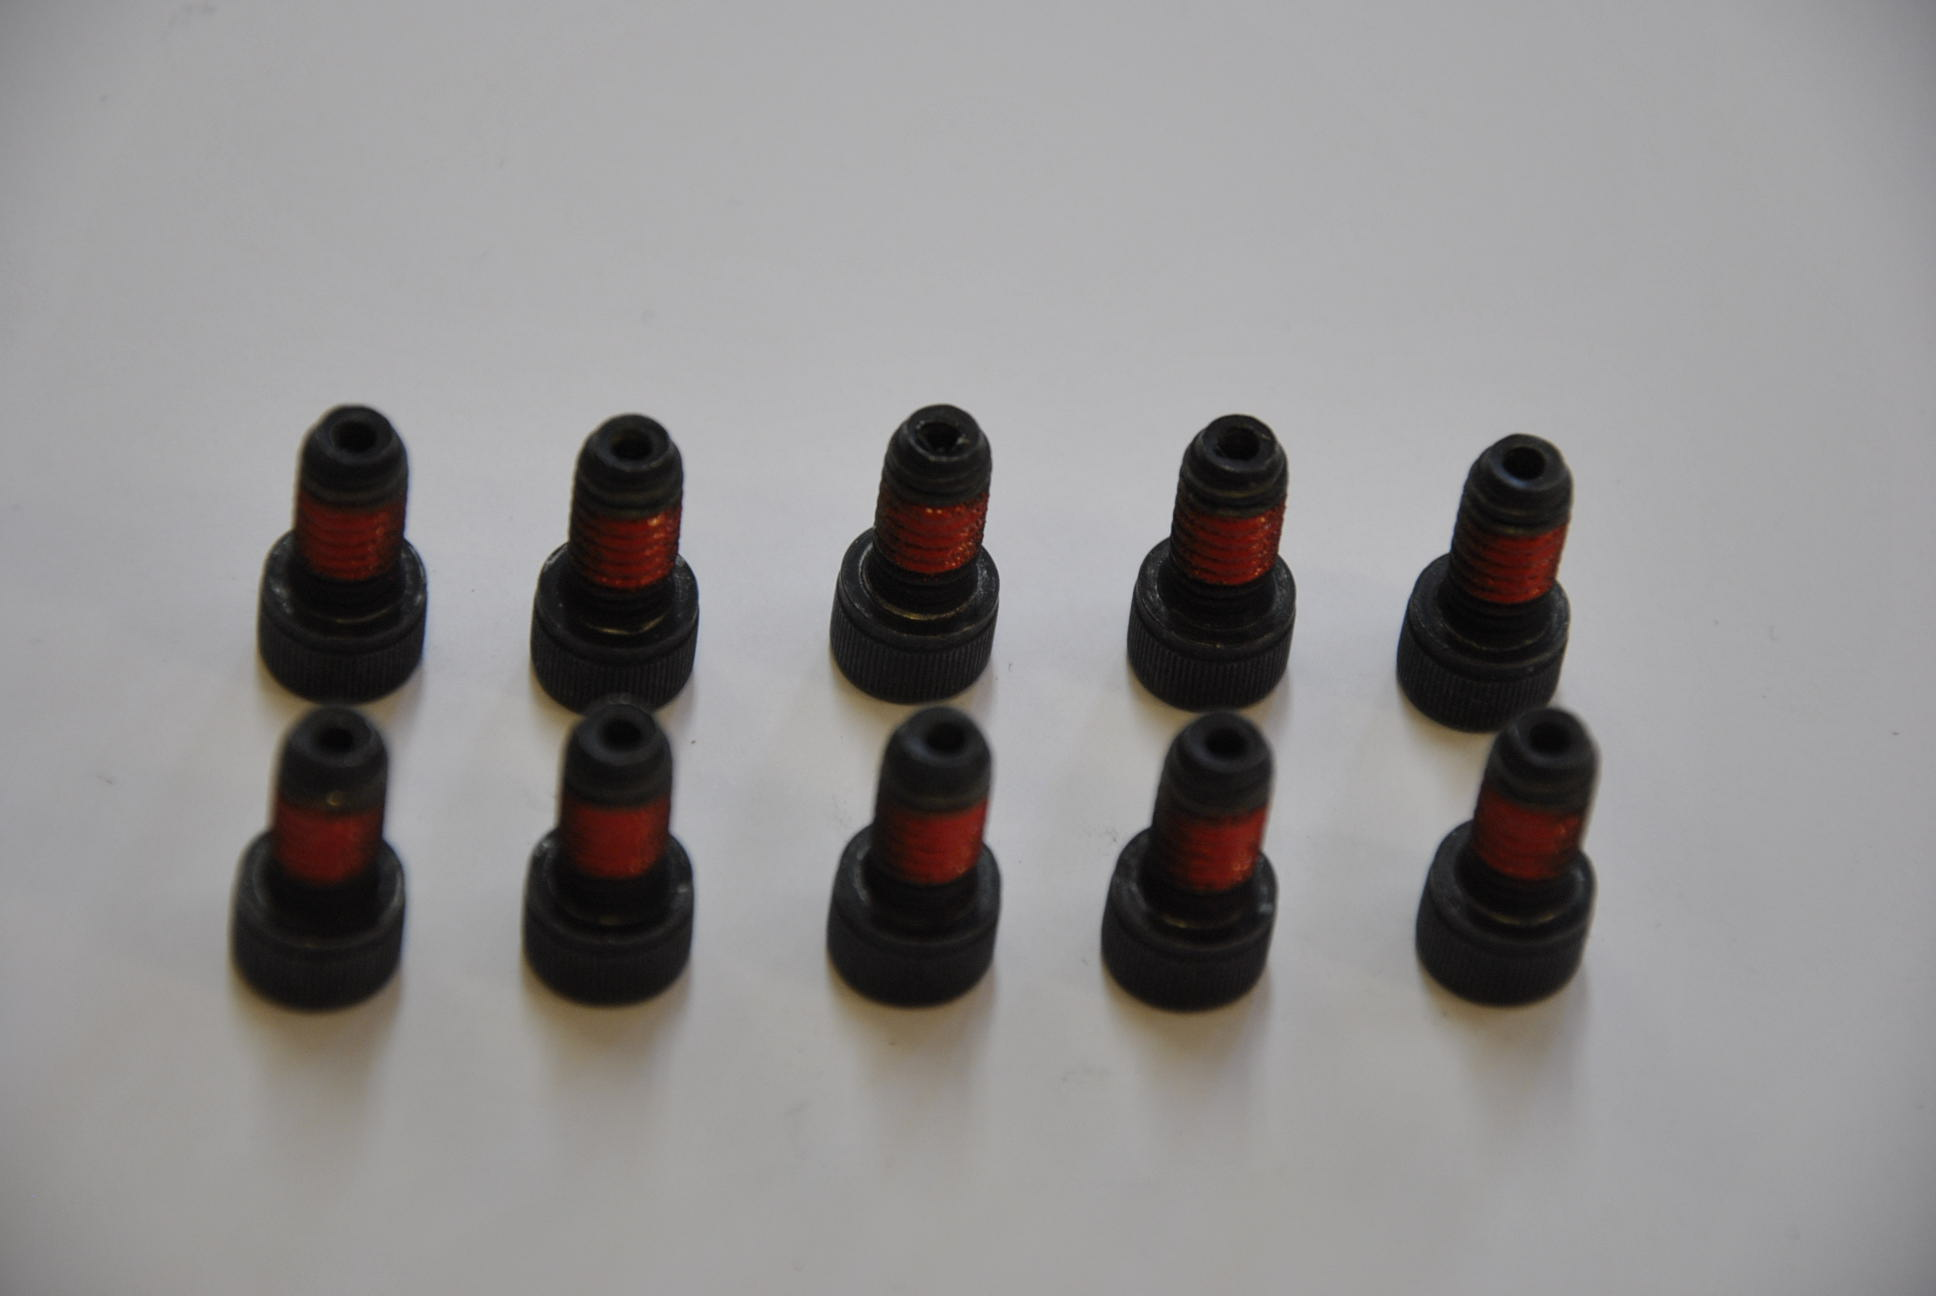 Болт крепления крюка скручивающего устройства. 8-10 шт/комп